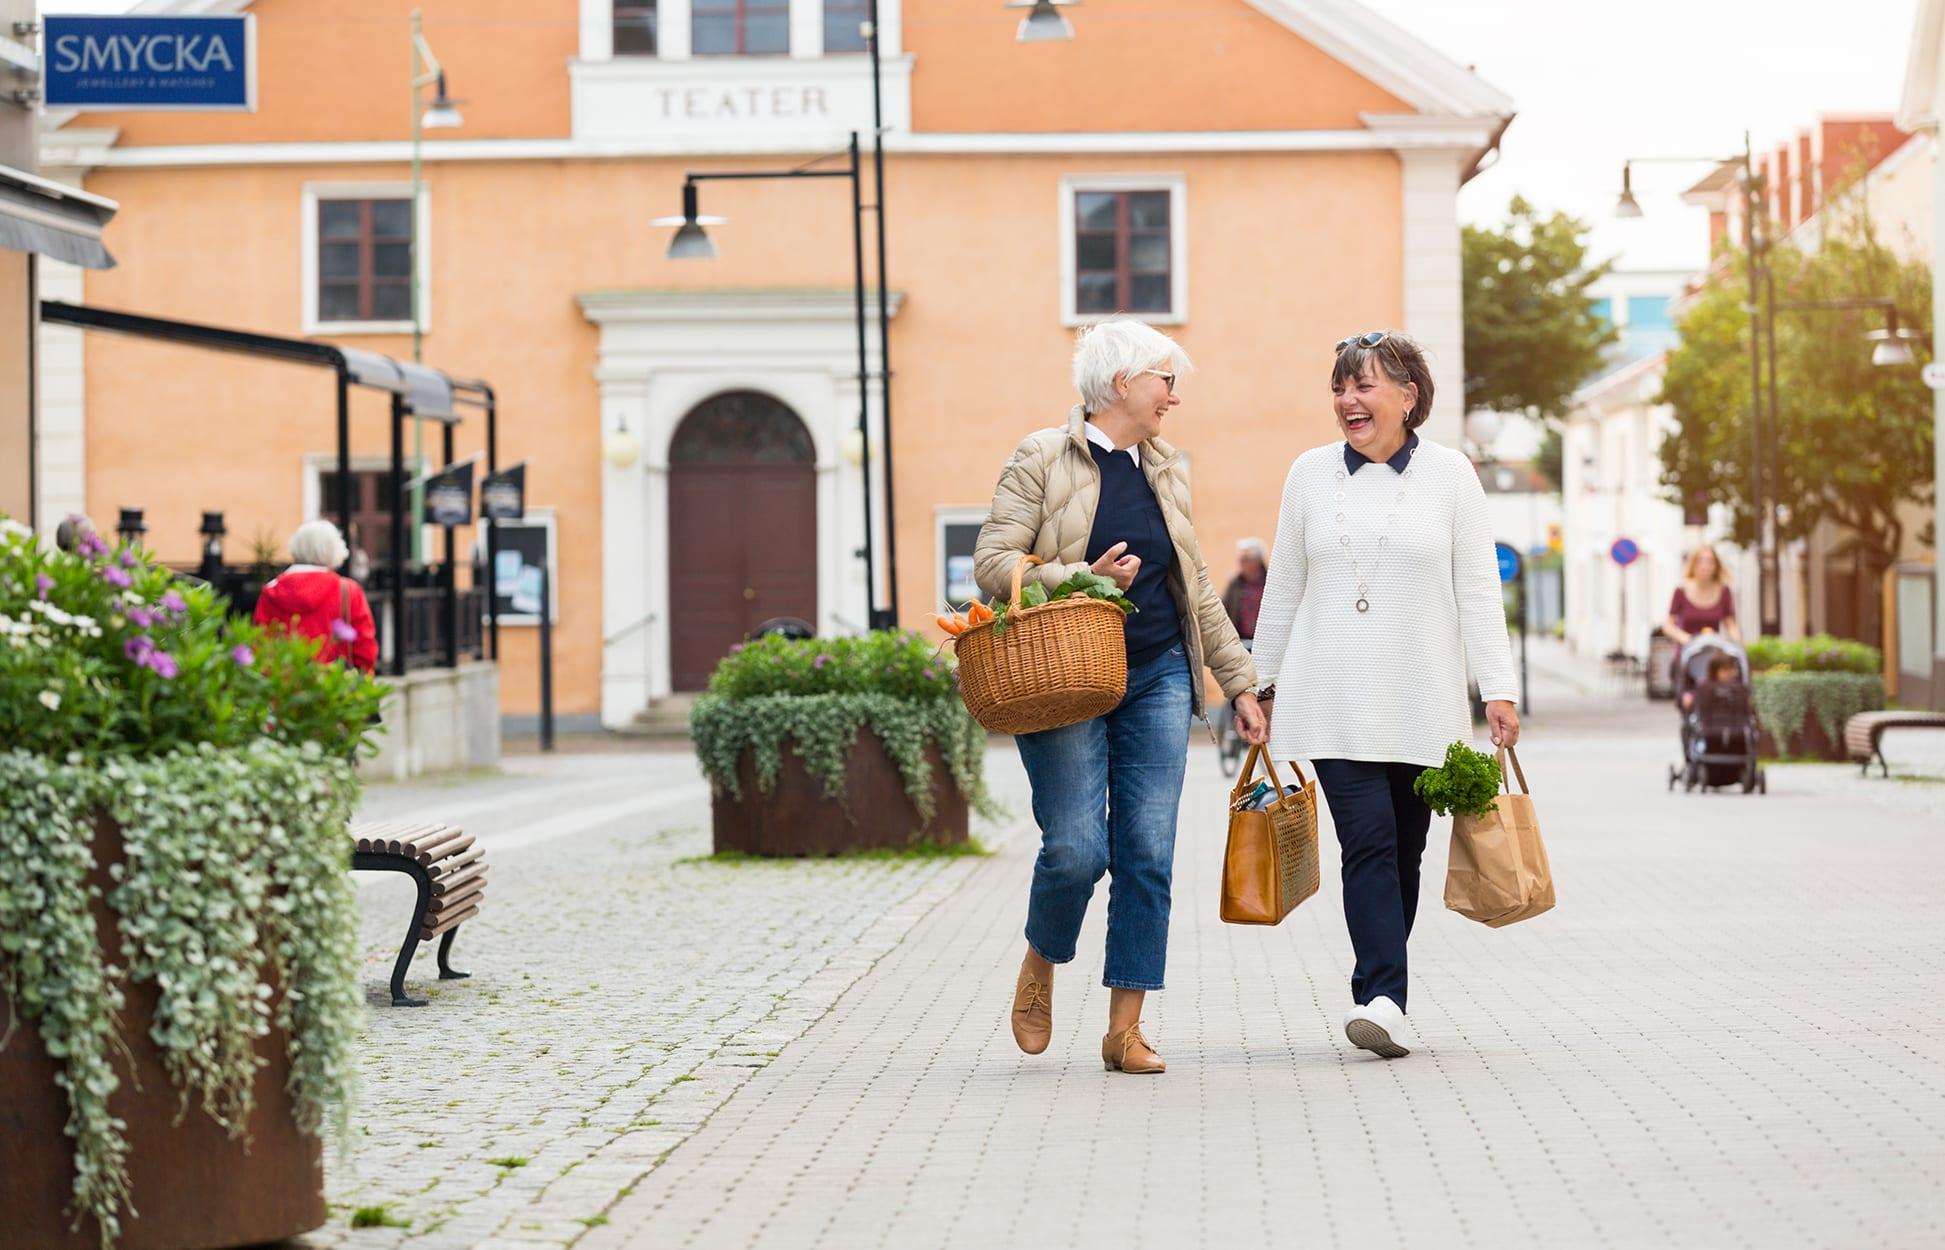 Mariestads Kommun